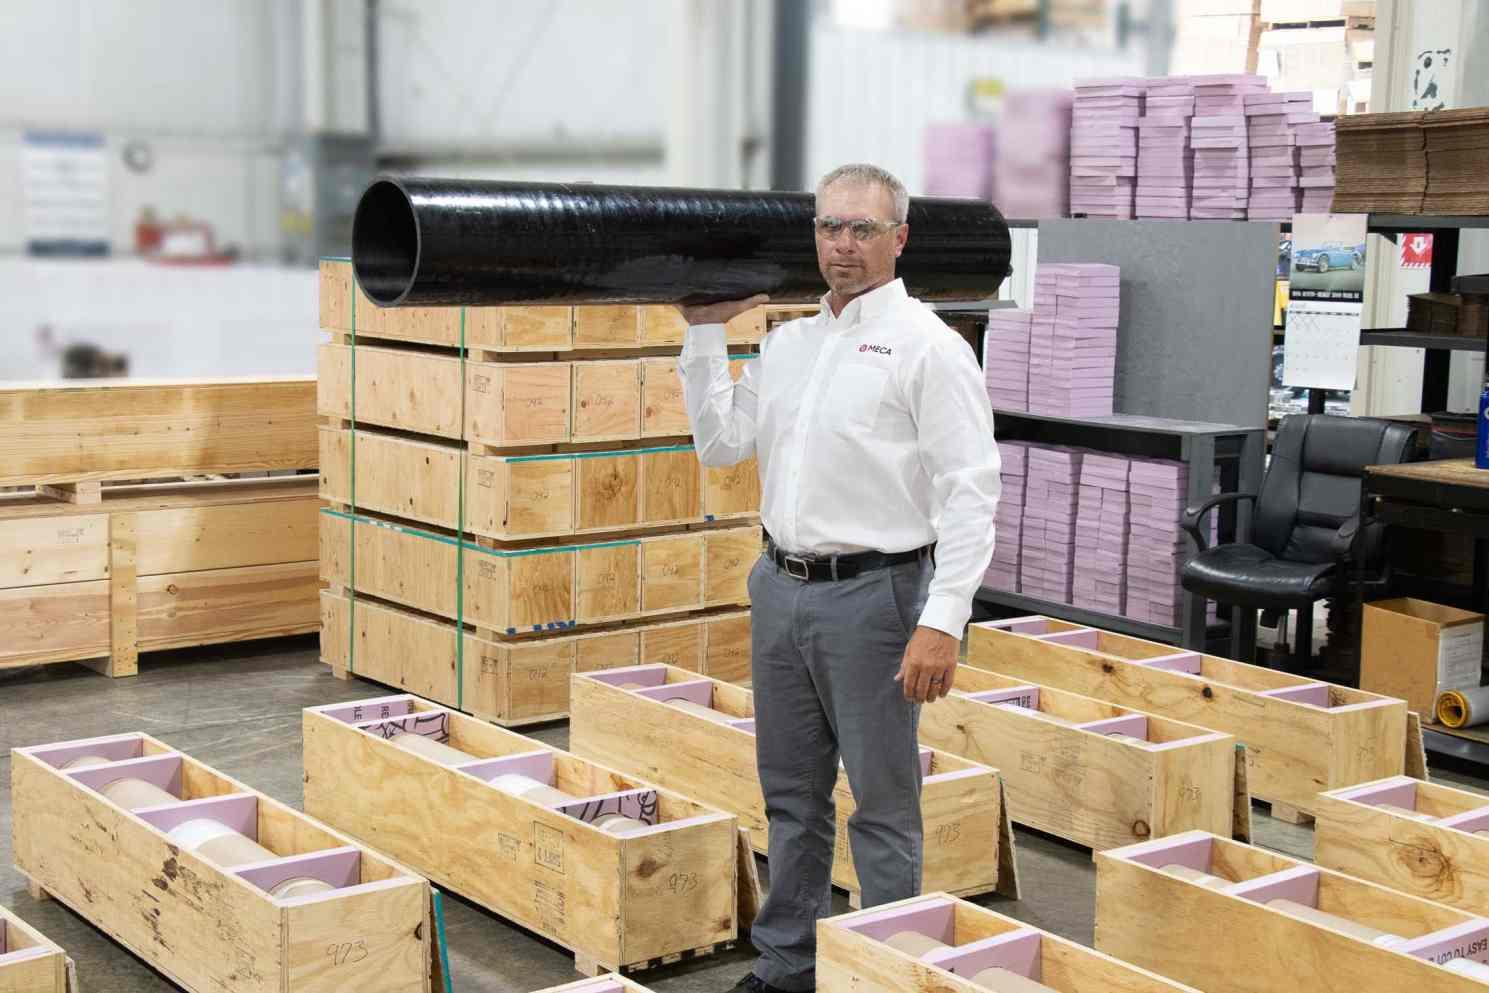 MECA Carbon fiber rolls